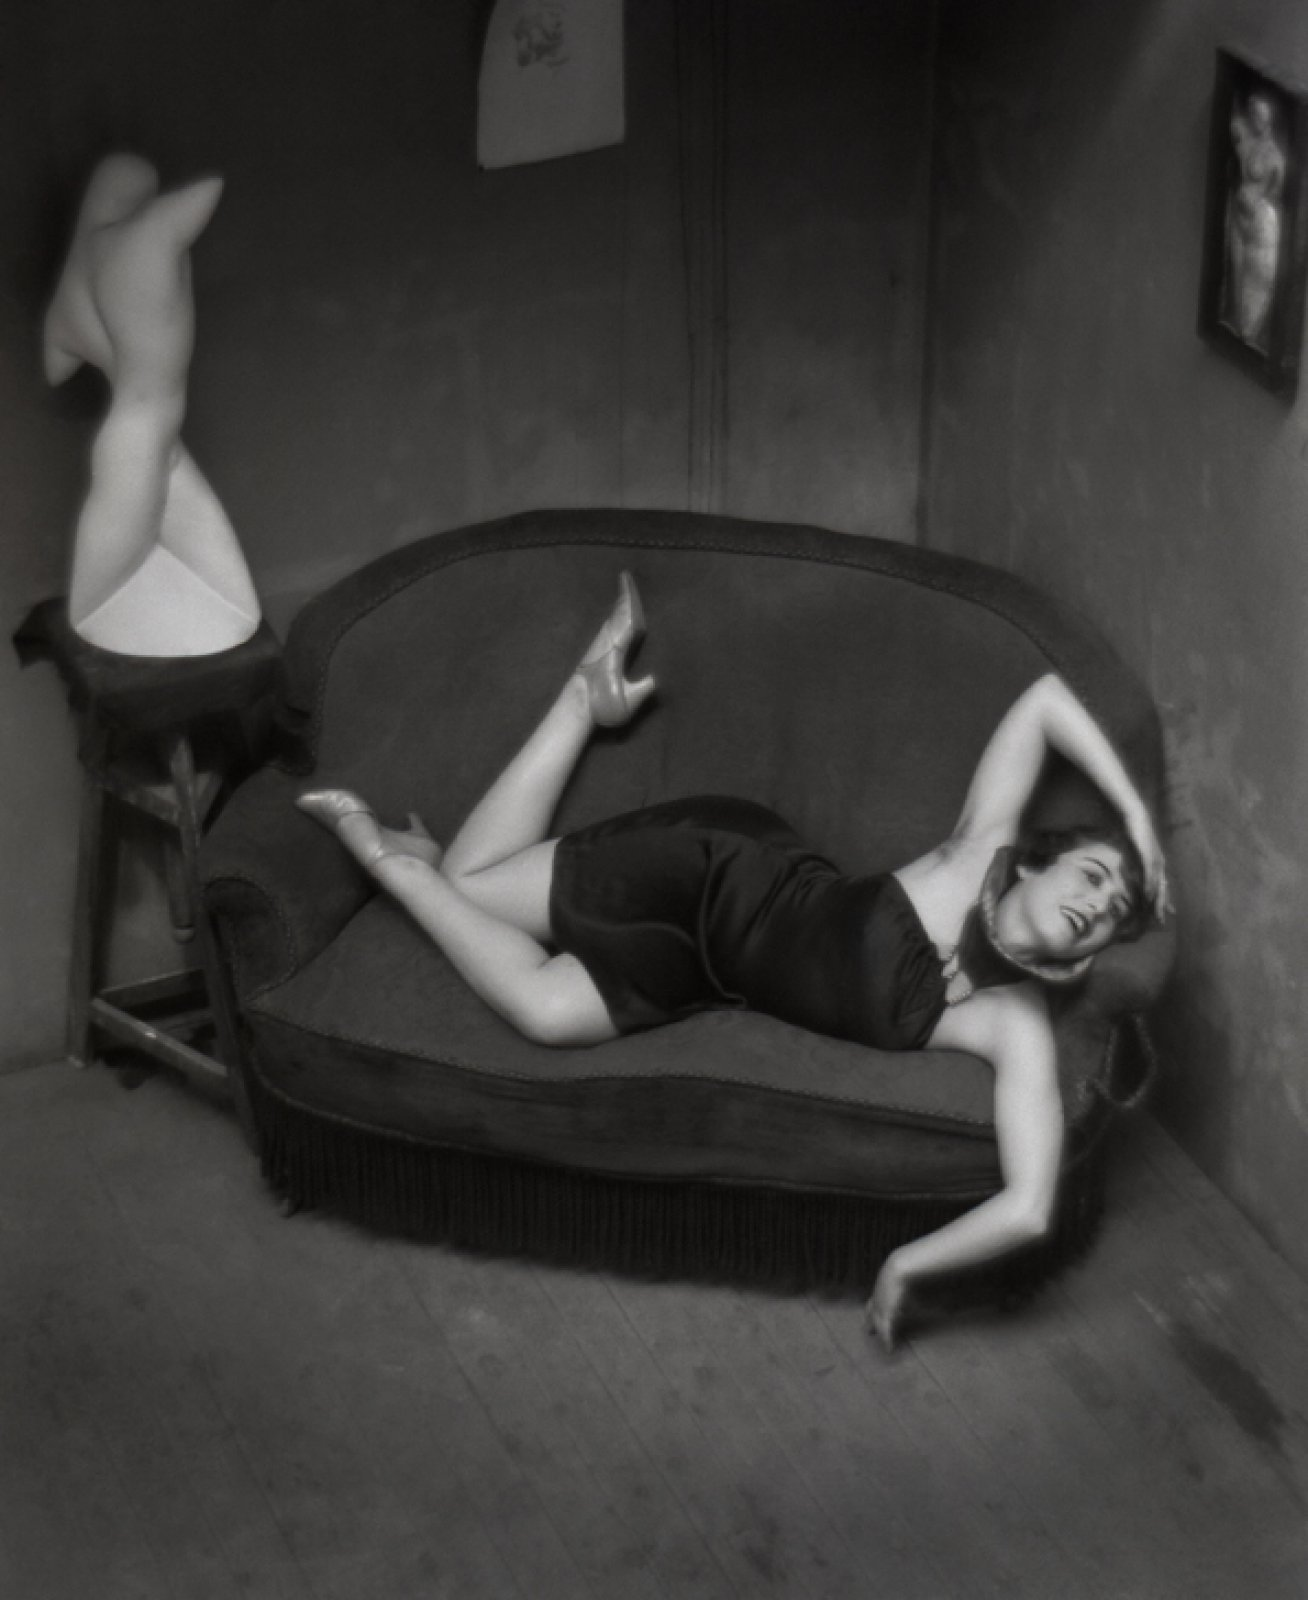 Burlesque dancer (Satyric dancer), 1926 © Ministère de la Culture et de la Communication - Médiathèque de l'architecture et du patrimoine, Dist. RMN-Grand Palais / Donation André Kertész